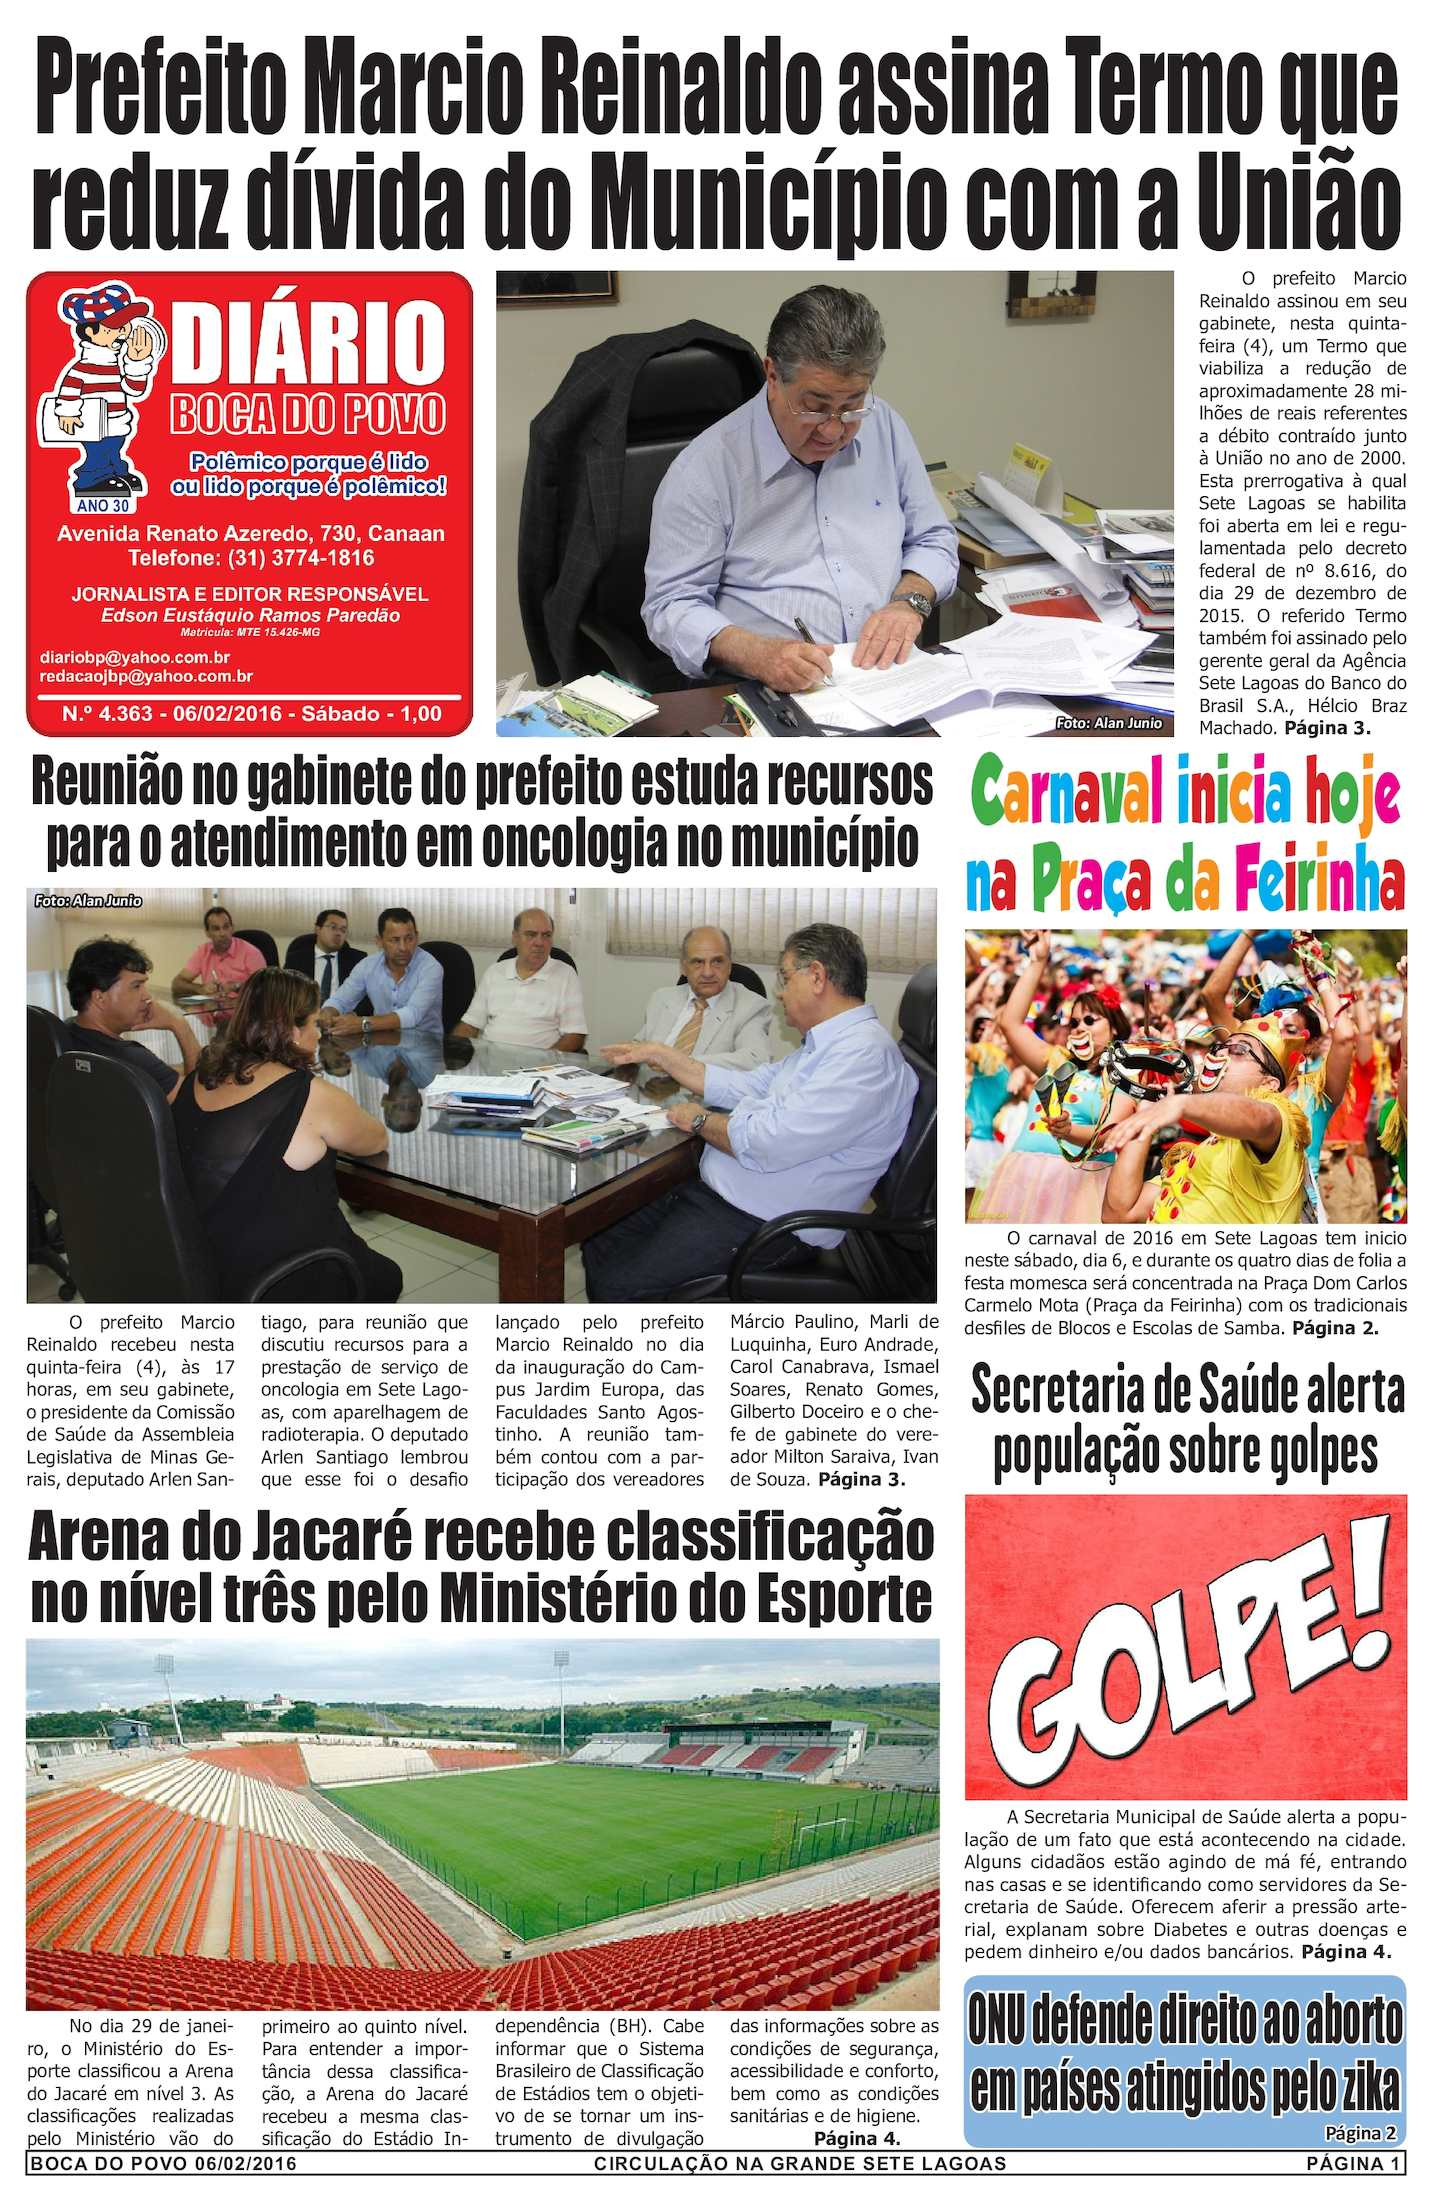 ... 8f34369b1b3 Calaméo - Jornal Diário Boca do Povo de sábado dia 06 de  fevereiro de 2016 ... 13cef27519737